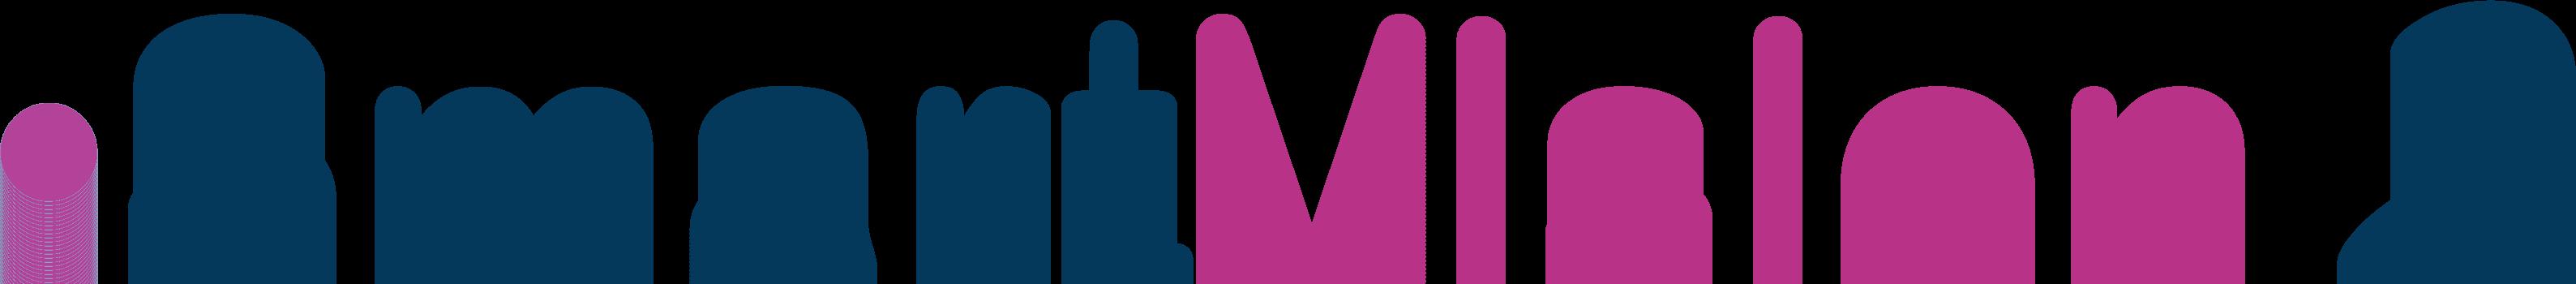 Smart Vision 2 Logo